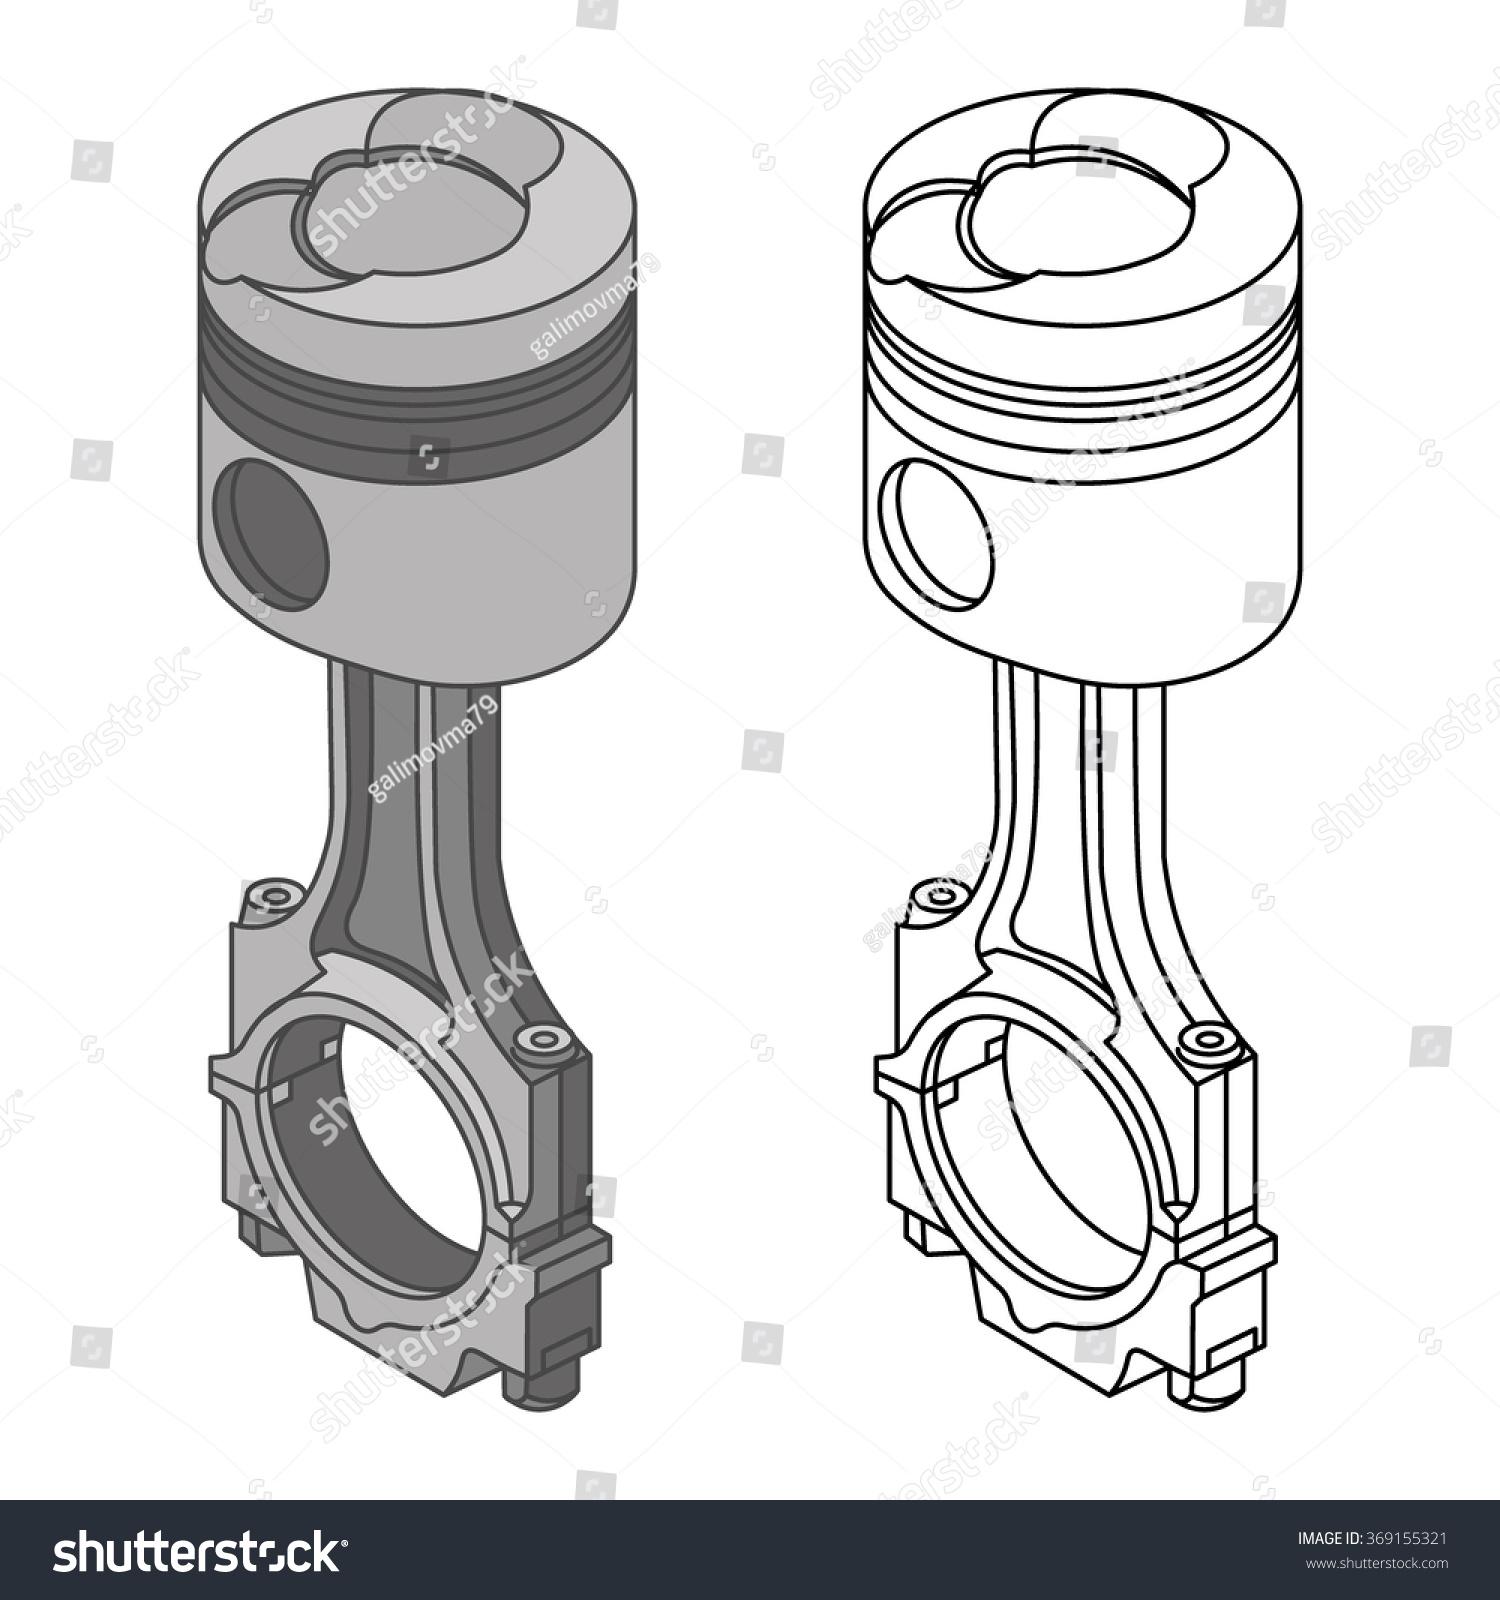 b18a engine diagram b18b1 diagram wiring diagram